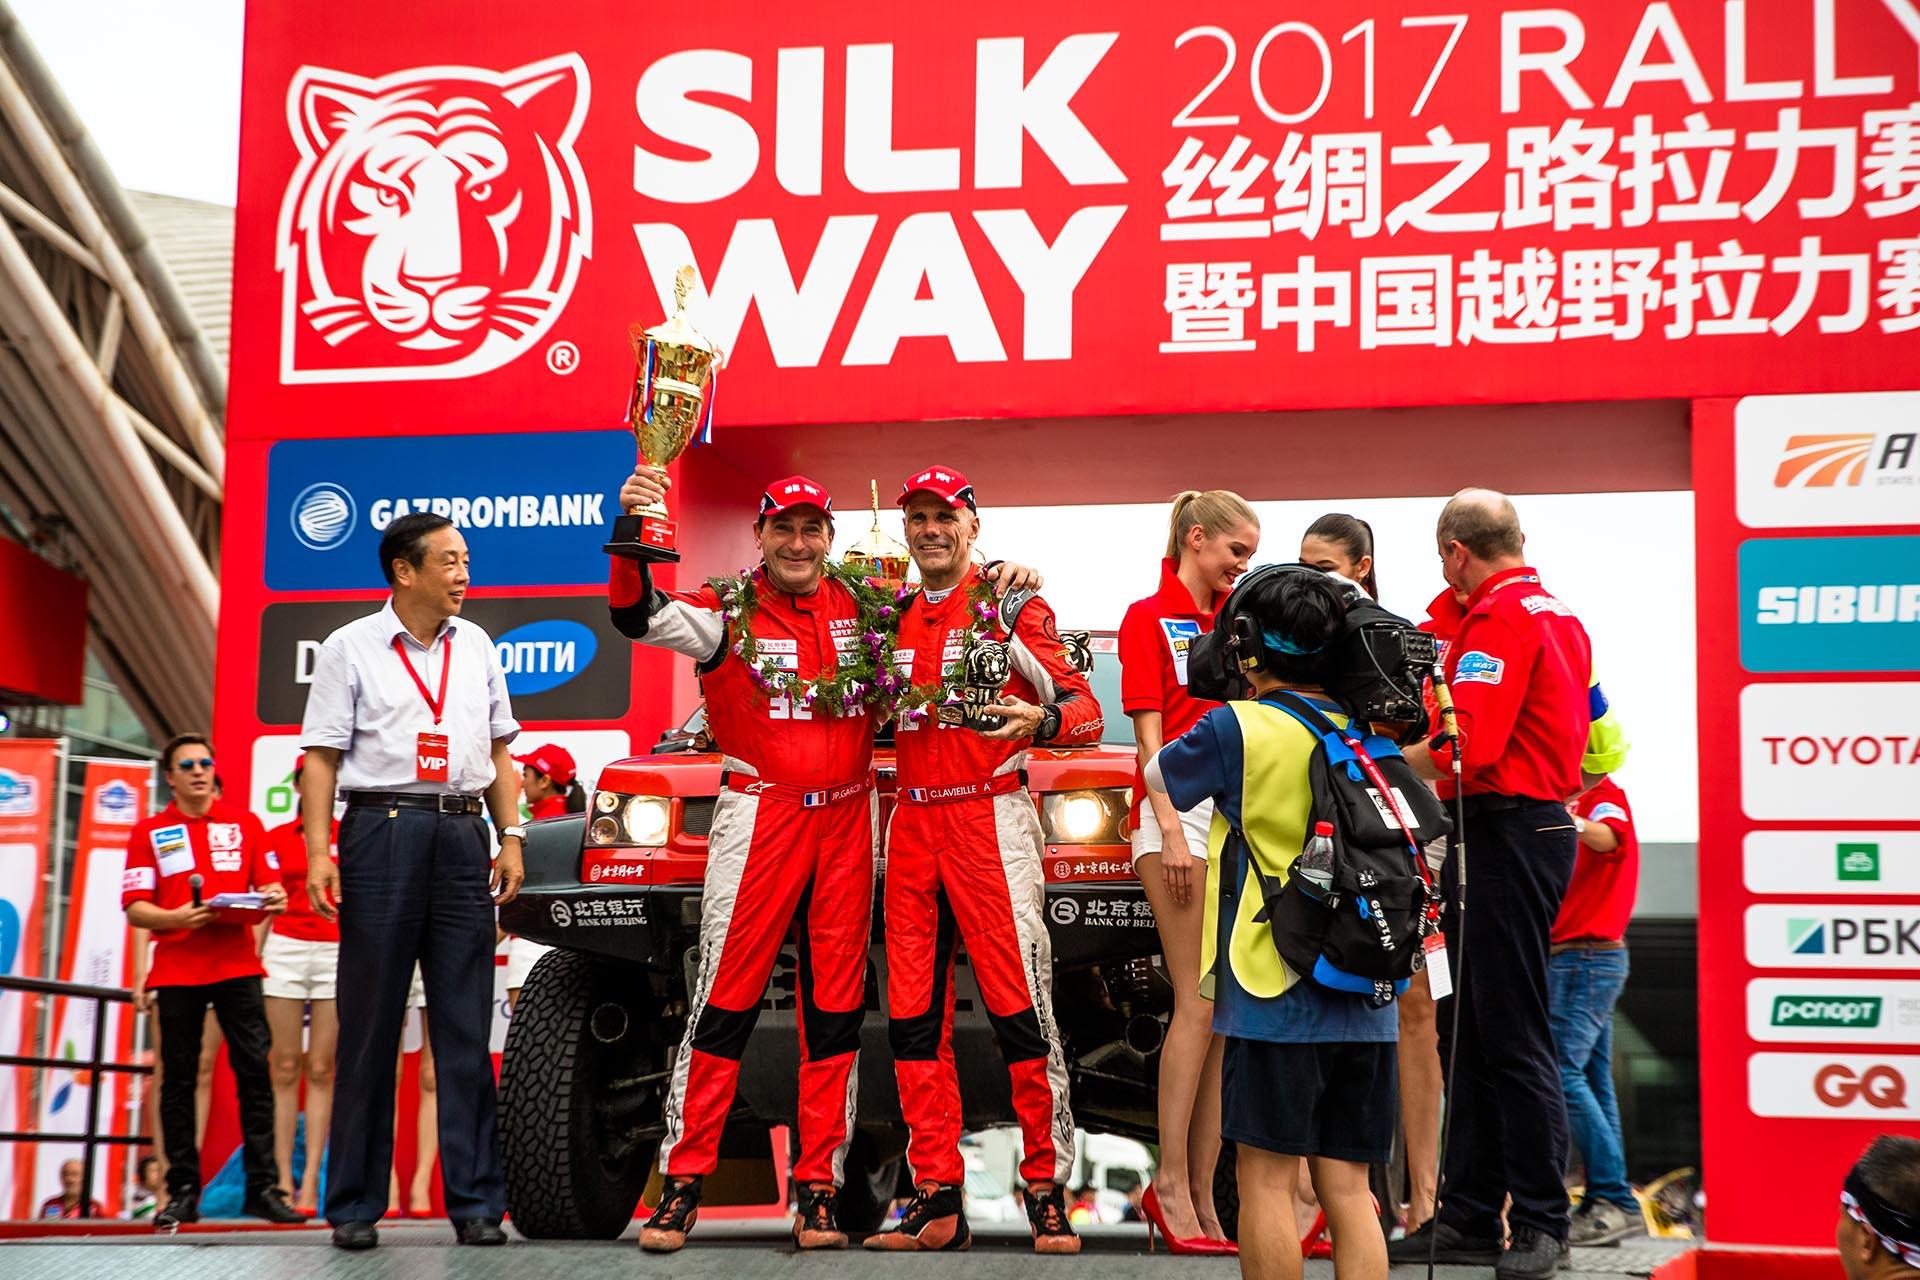 Silk Way 2017